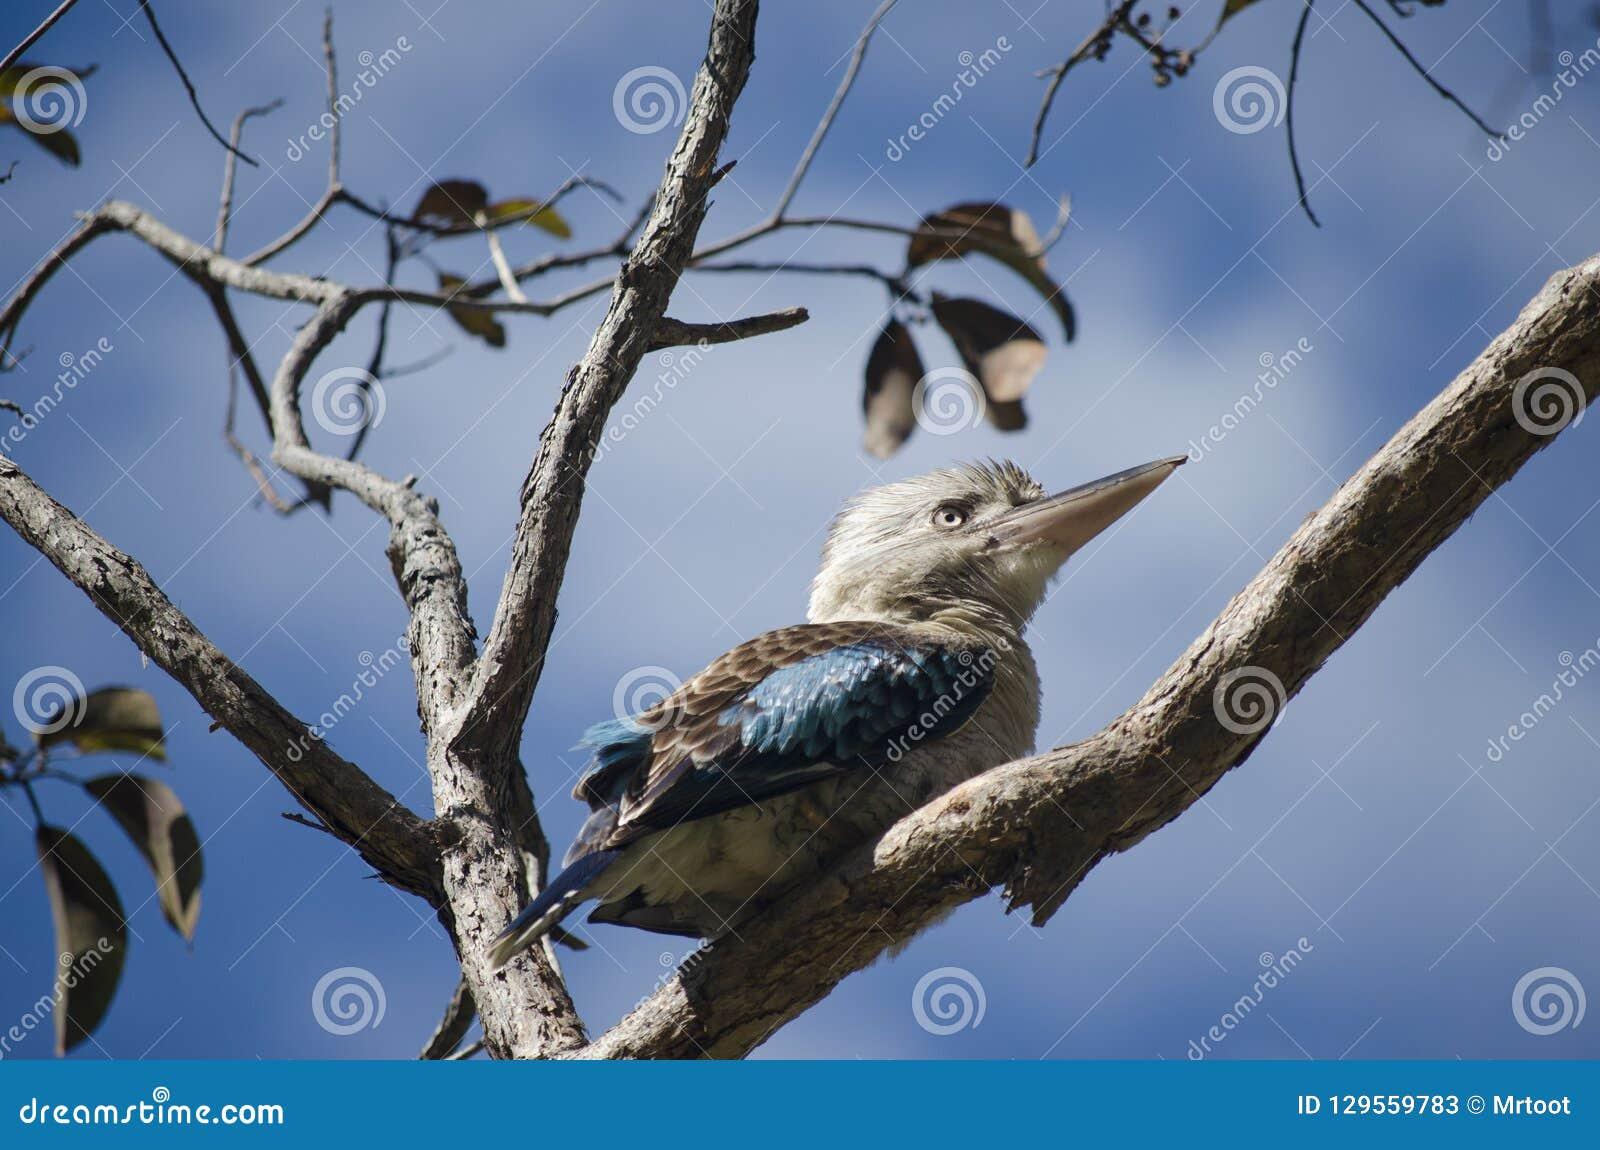 Australian Blue-winged Kookaburra